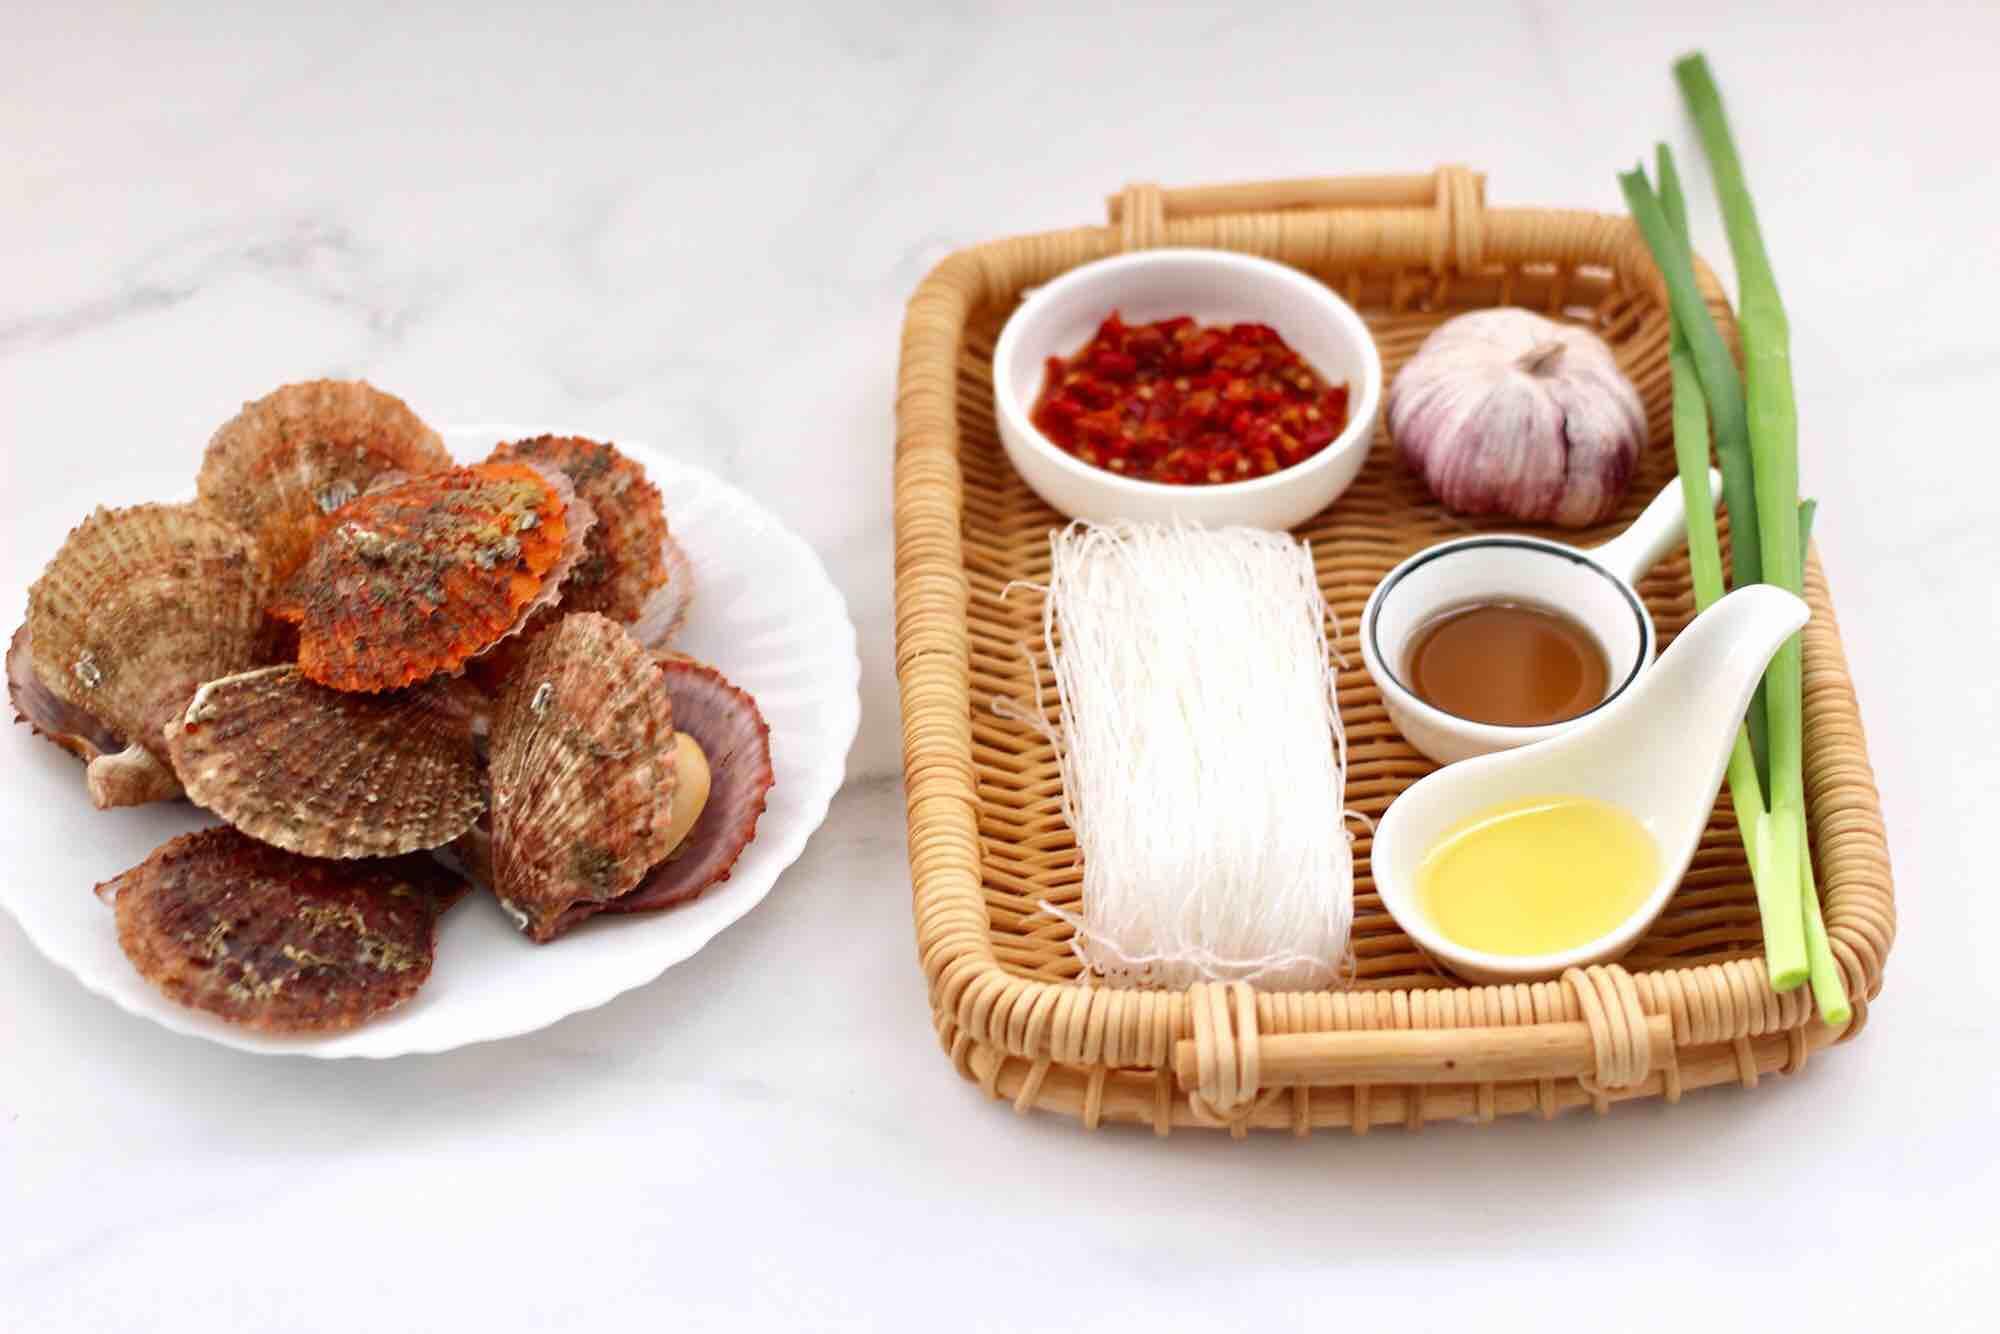 蒜蓉剁椒烤扇贝的做法大全